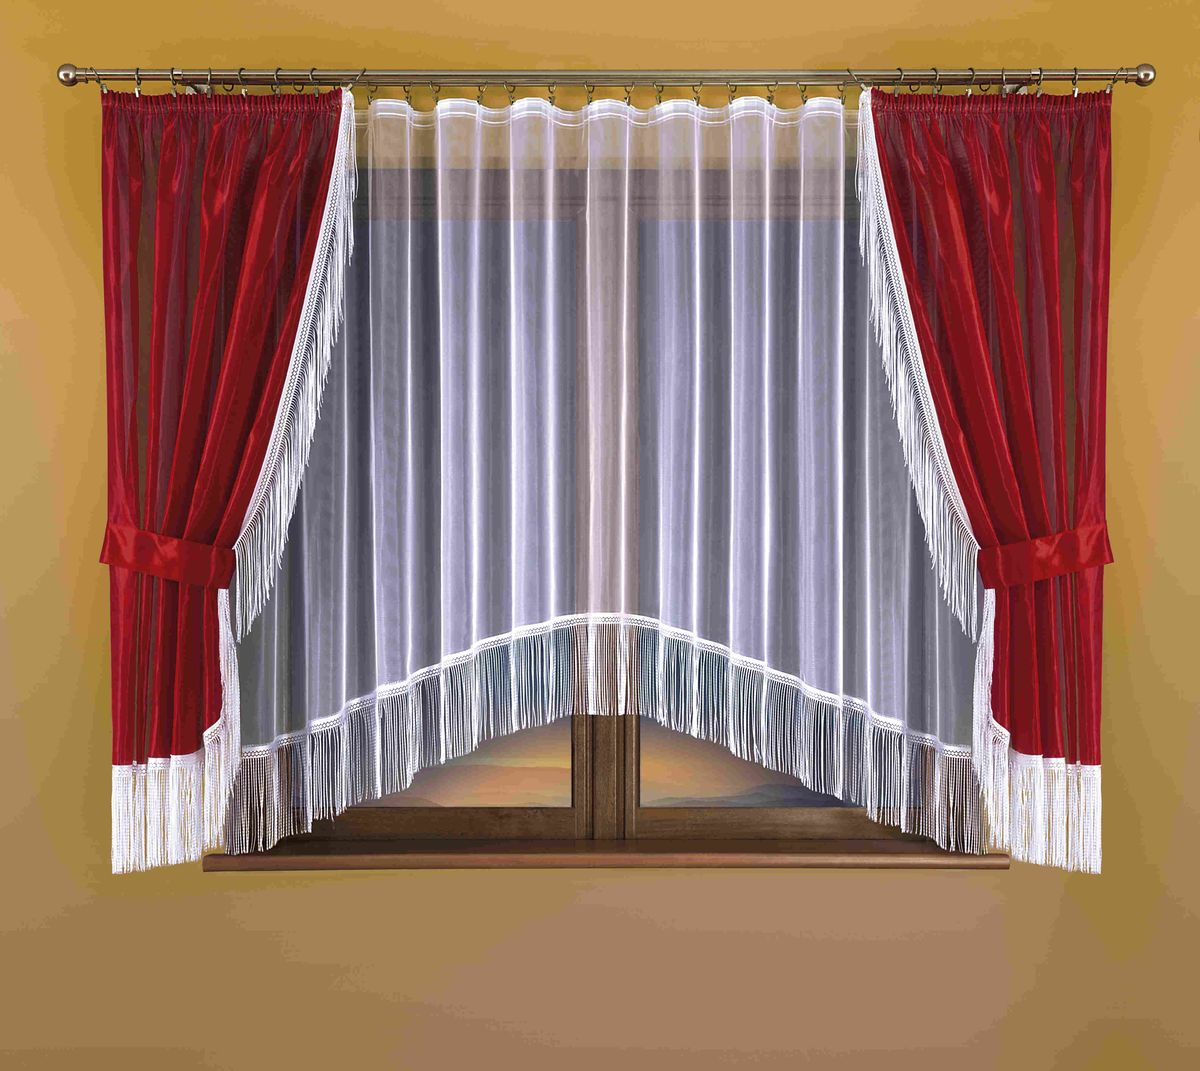 Комплект штор для кухни Wisan Hana, на ленте, цвет: белый, бордо, высота 170 см100-49000000-60Комплект штор для кухни Wisan Hana, выполненный из полиэстера, великолепно украсит окно. В комплект входят 2 шторы, тюль и 2 подхвата. Бахрома придает комплекту особый стиль и шарм. Тонкое плетение, нежная цветовая гамма и роскошное исполнение - все это делает шторы Wisan Hana замечательным дополнением интерьера кухни. Шторы оснащены шторной лентой для красивой сборки, а также двумя подхватами. В комплект входит: Штора - 2 шт. Размер (ШхВ): 150 см х 170 см. Тюль - 1 шт. Размер (ШхВ): 300 см х 170 см. Подхват - 2 шт.